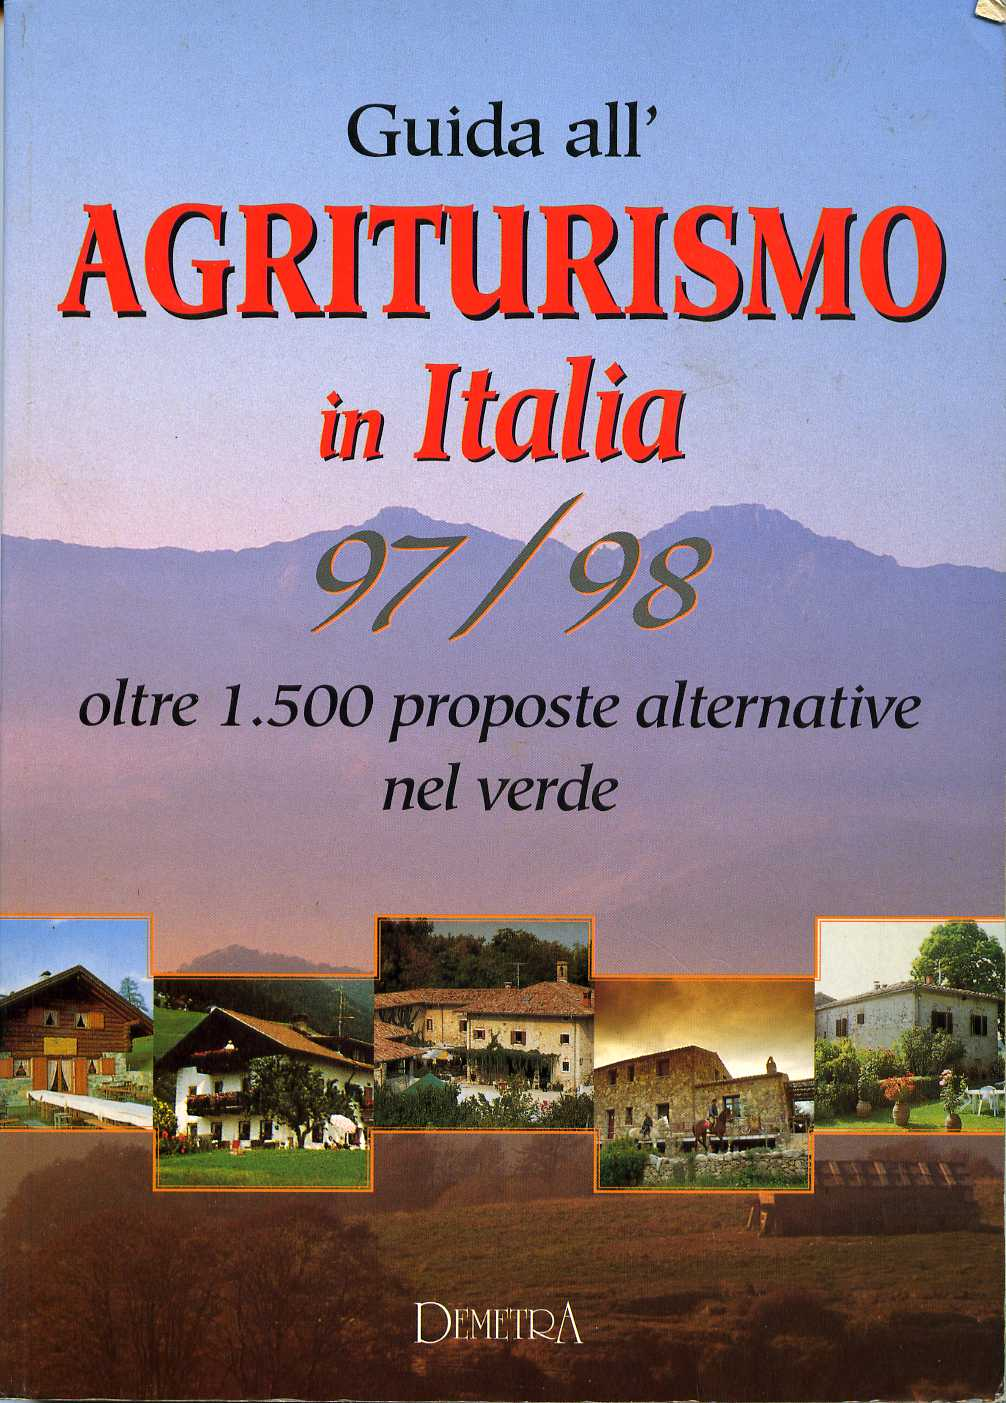 Guida all'agriturismo in Italia